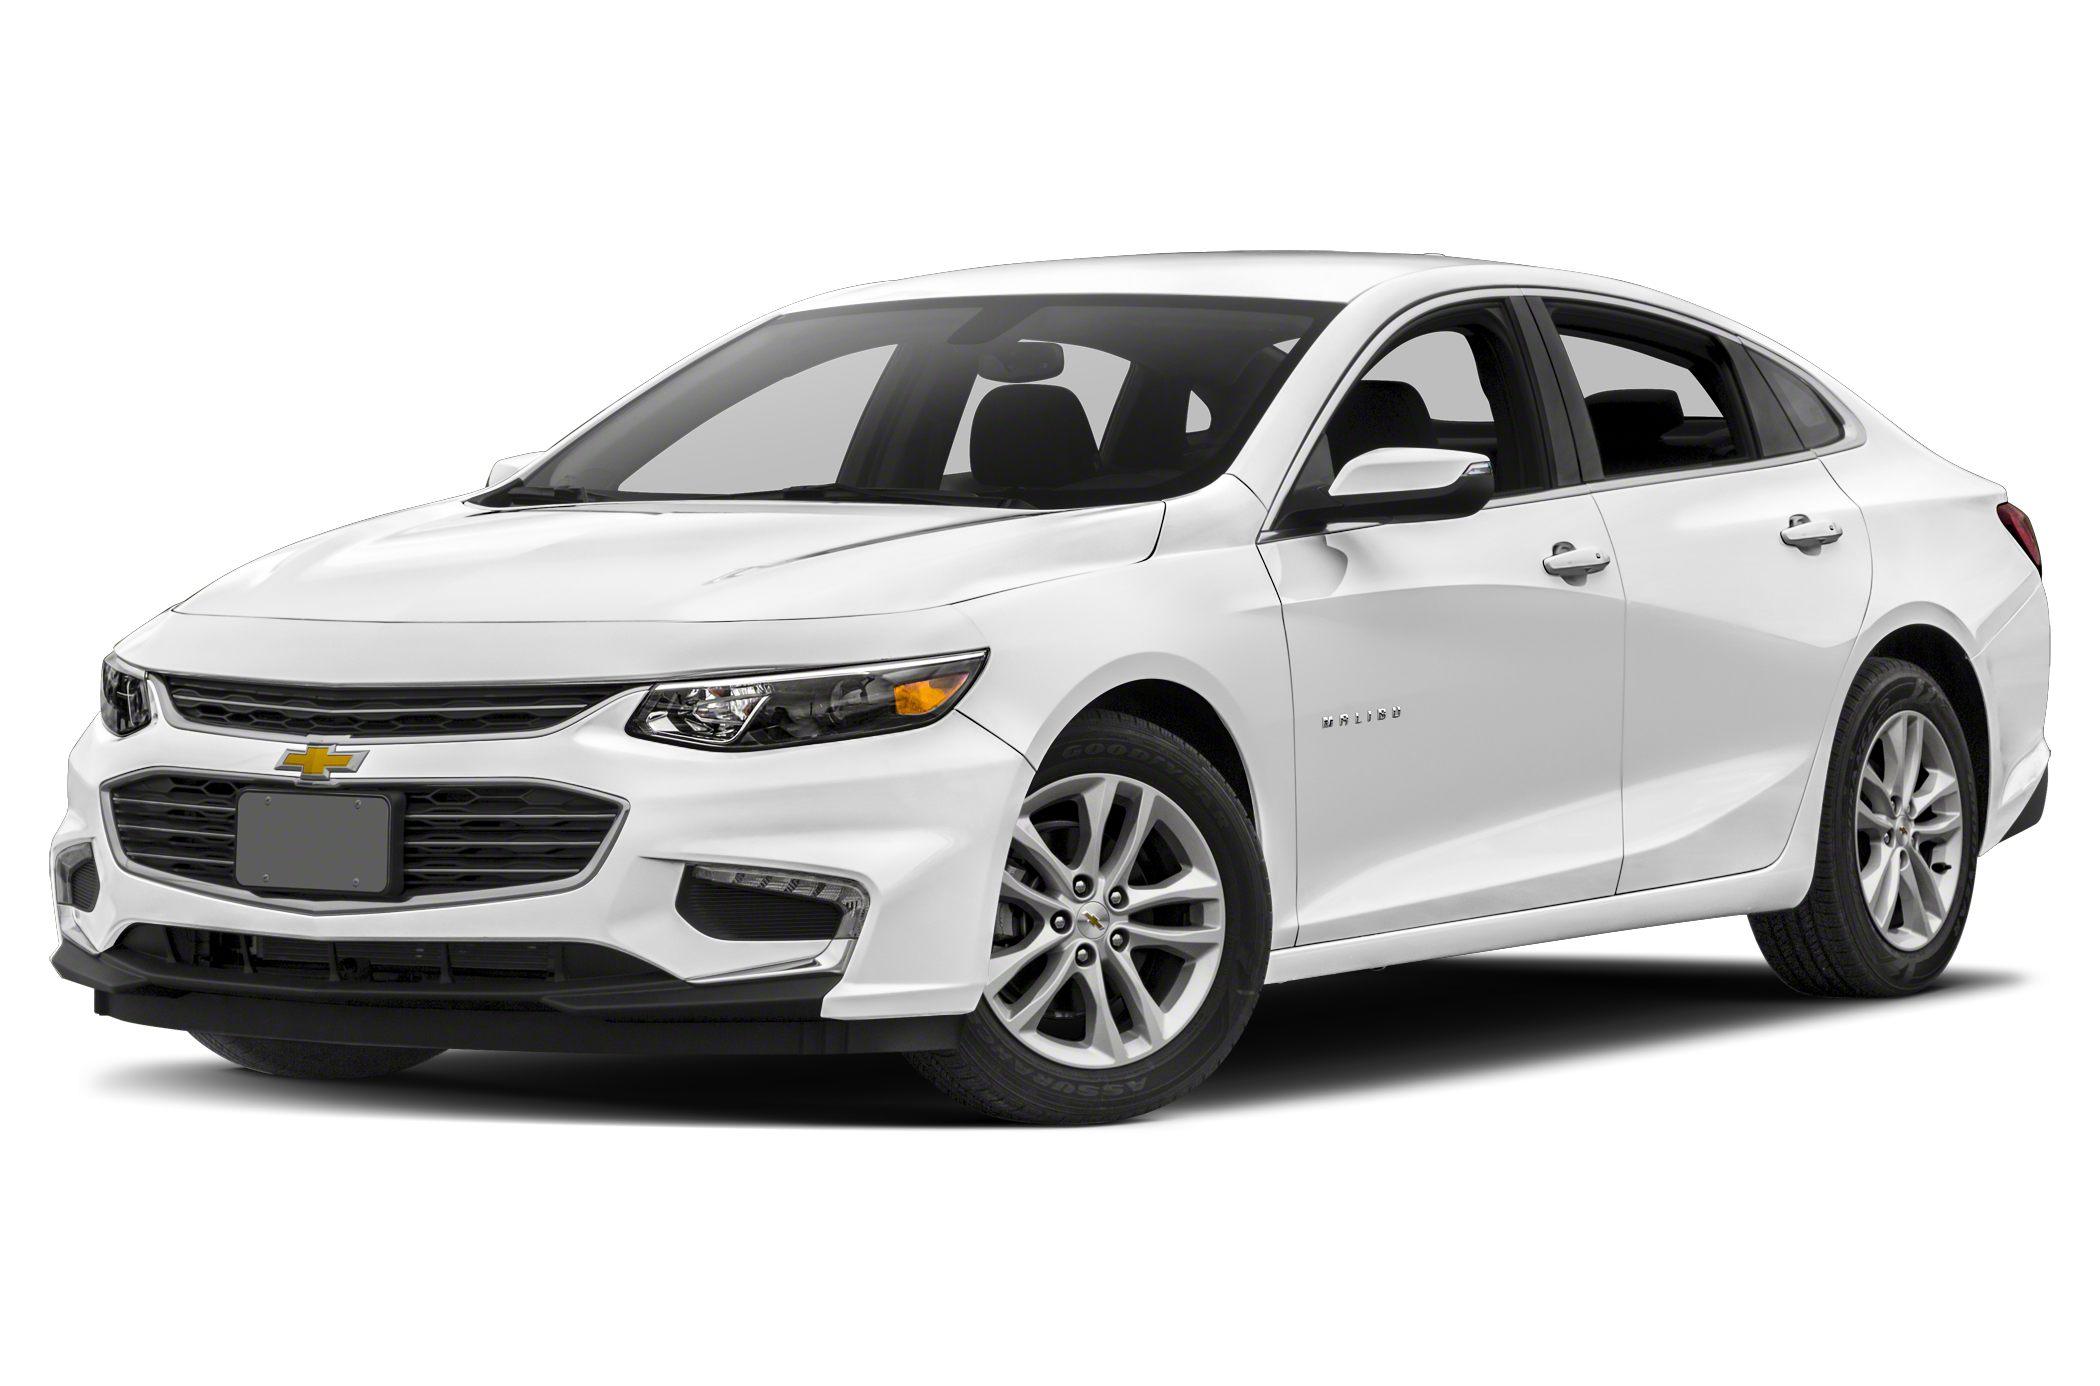 Chevrolet Malibu Sedan Models, Price, Specs, Reviews ...